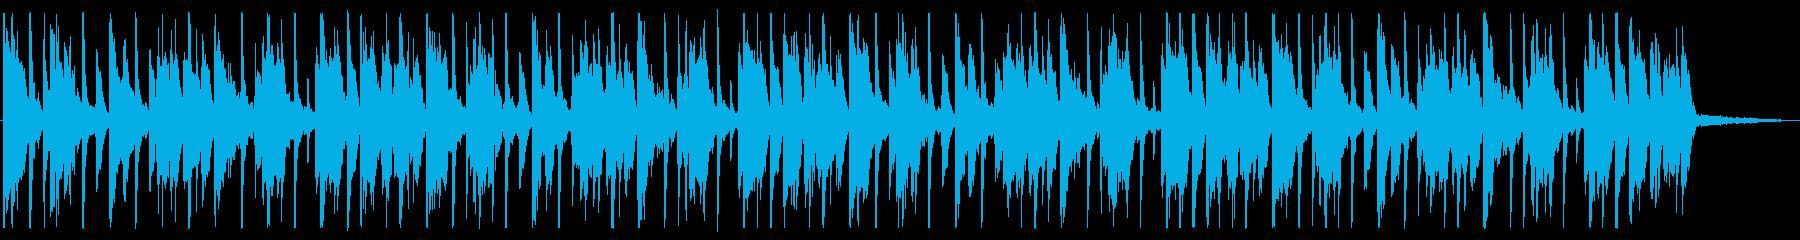 都会/ヒップホップ_No453_4の再生済みの波形